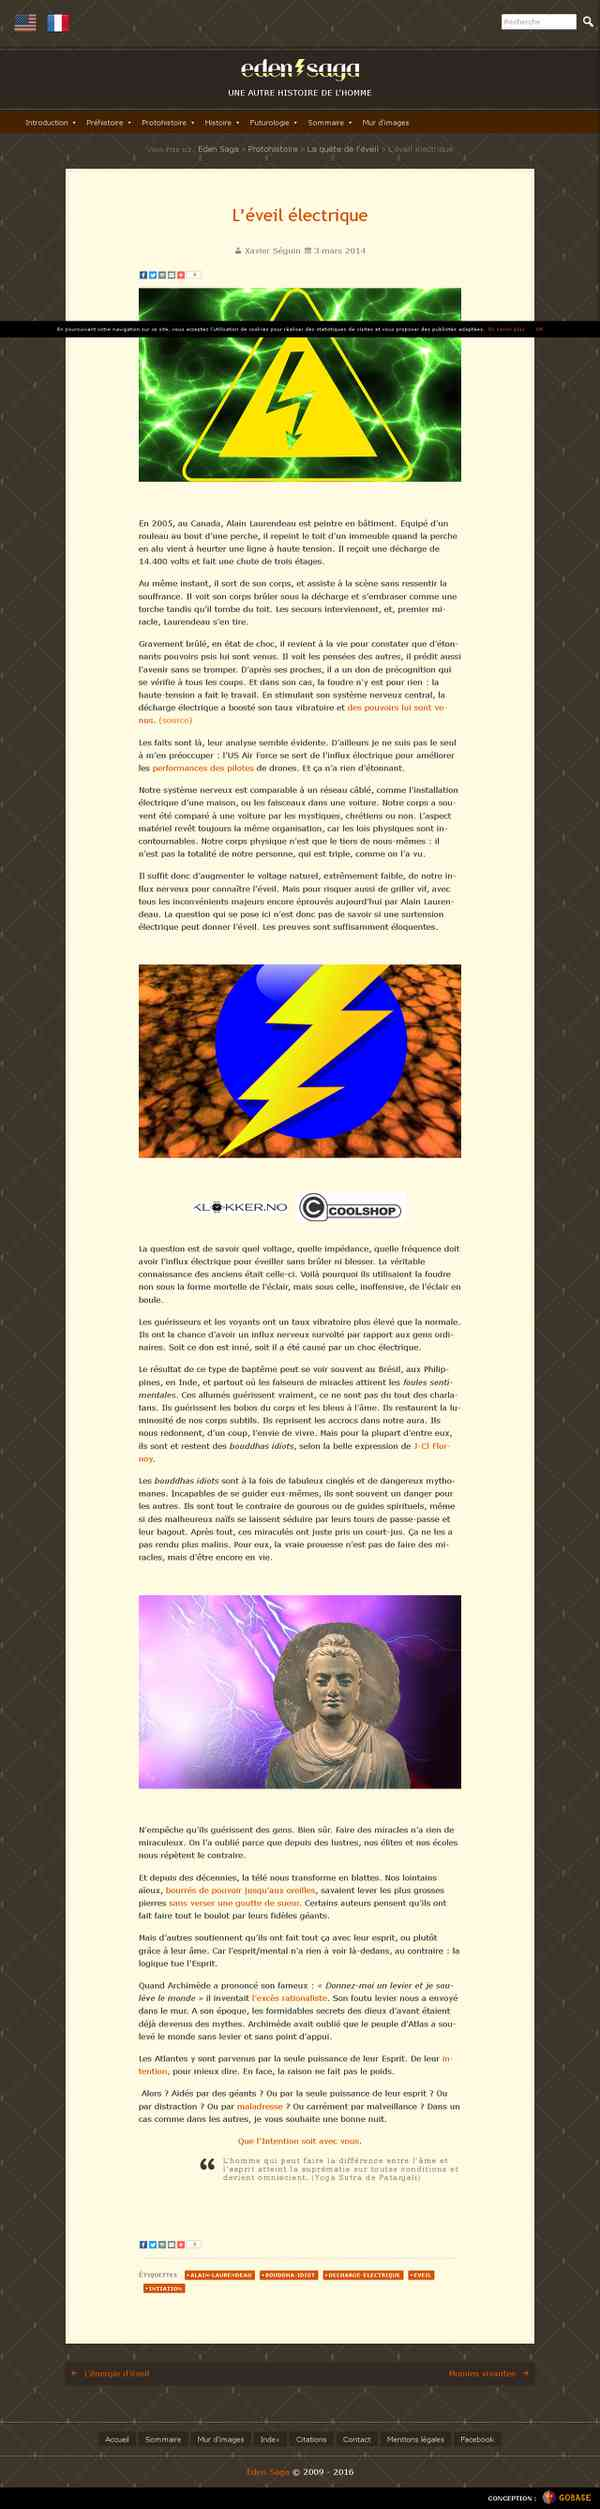 L'éveil électrique - Eden Saga